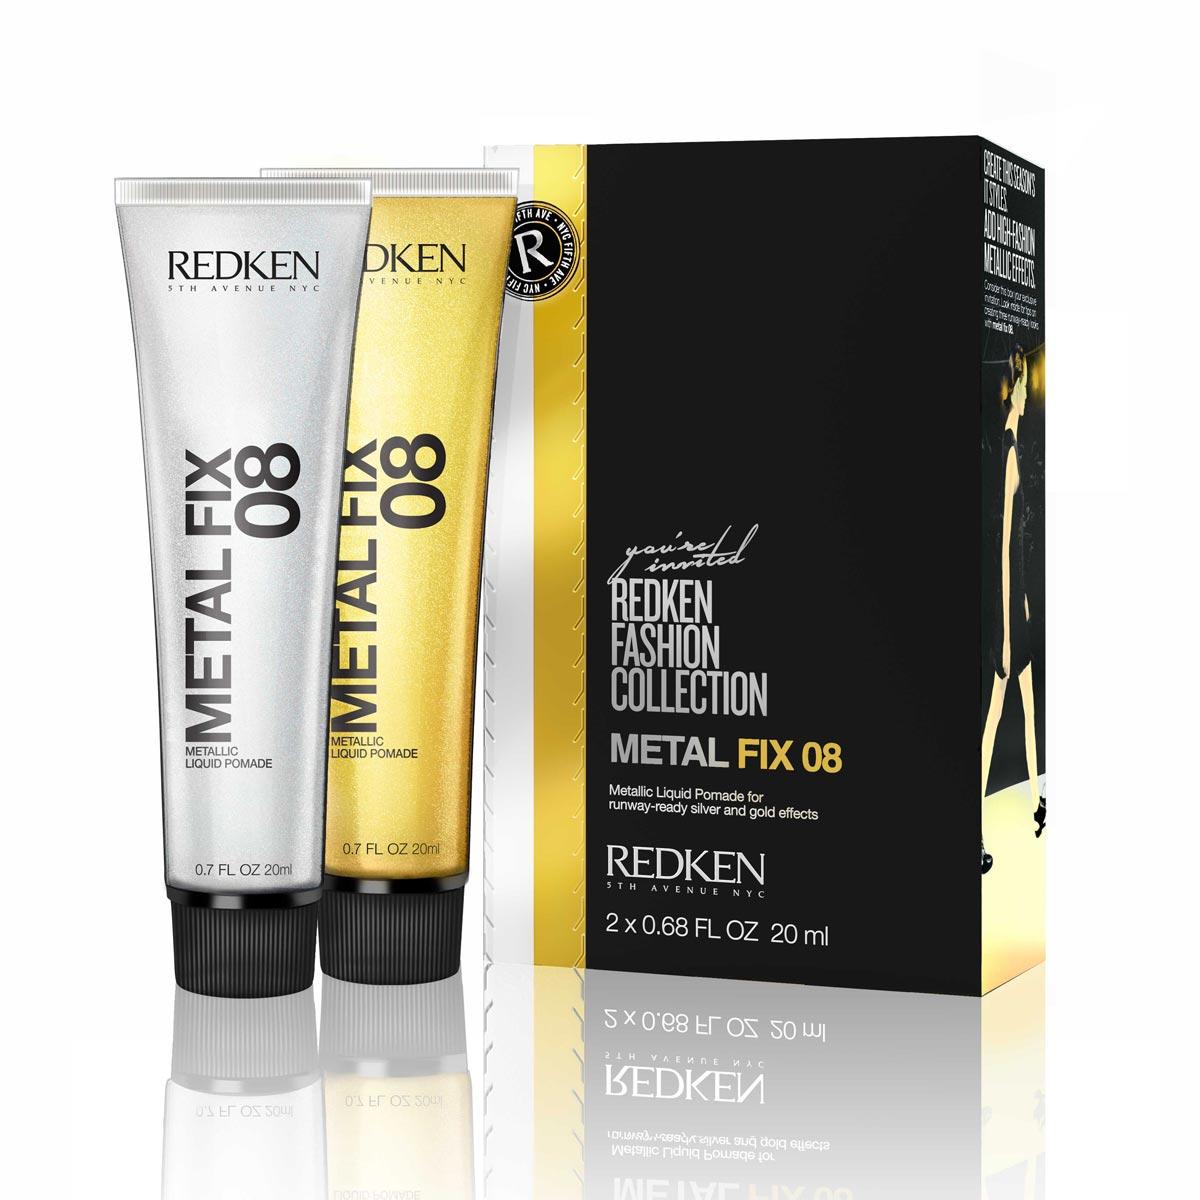 Zlato a stříbro do vlasů dodá pomáda, čili gel na vlasy od Redken. Metal Fix 08 koupíte v salonech Redken za cenu 498 Kč /19 €.